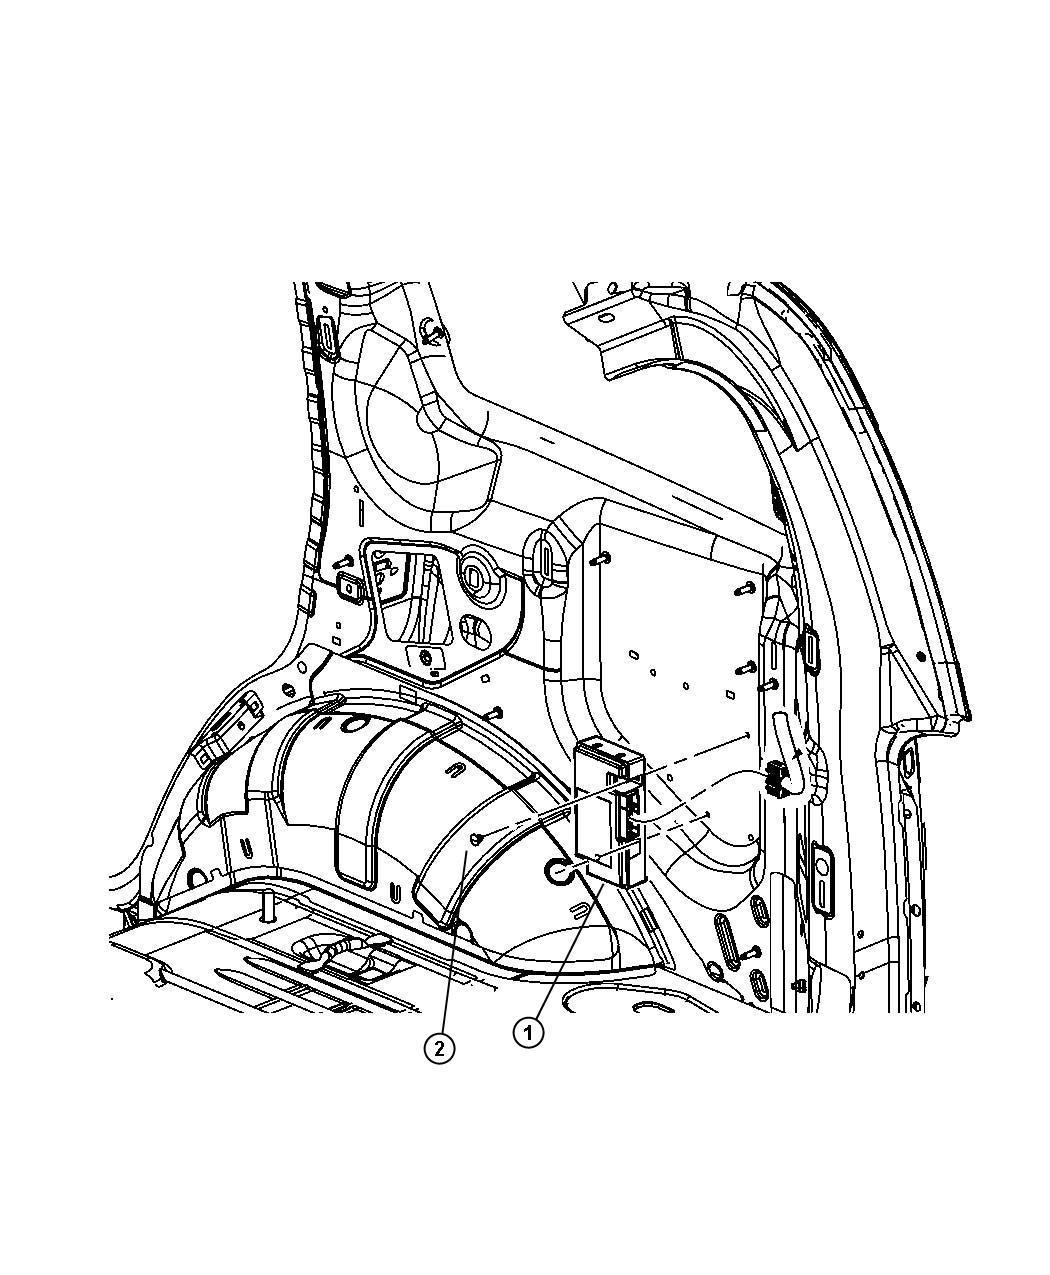 2013 Jeep Compass Module. Telematics. Uconnect, voice